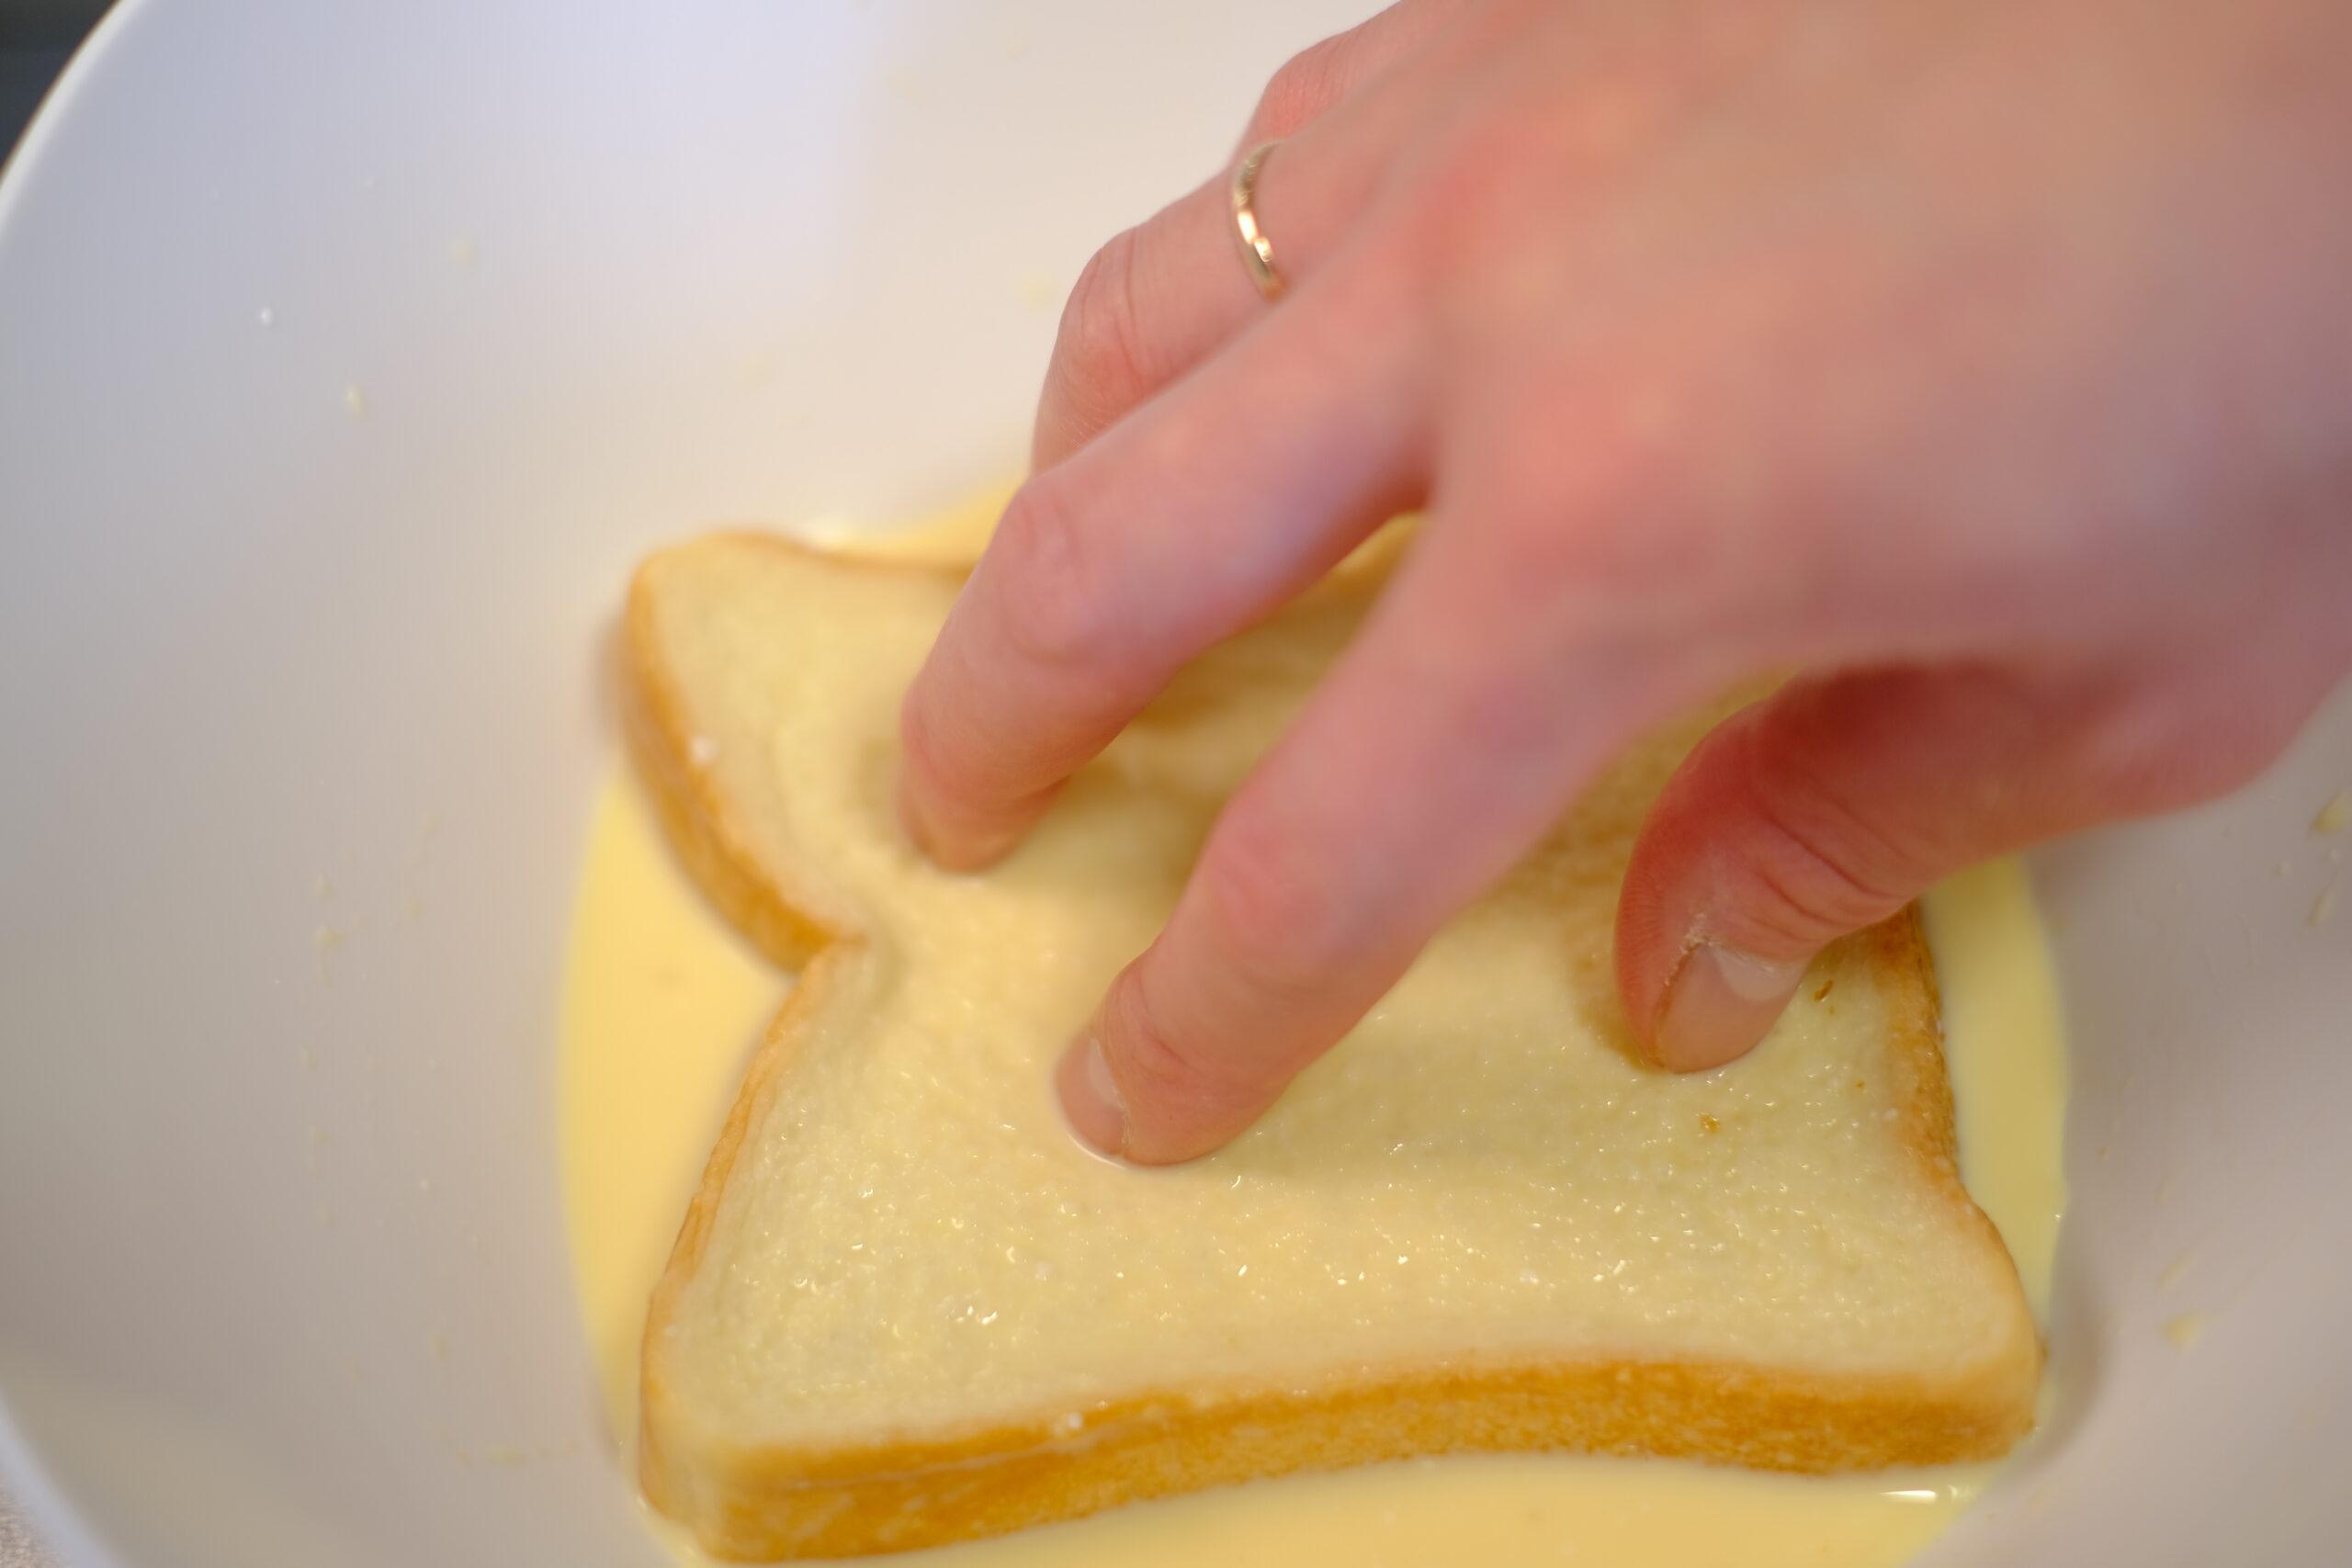 ボウルに作った漬け液に食パンを漬け込んでいるようすの画像です